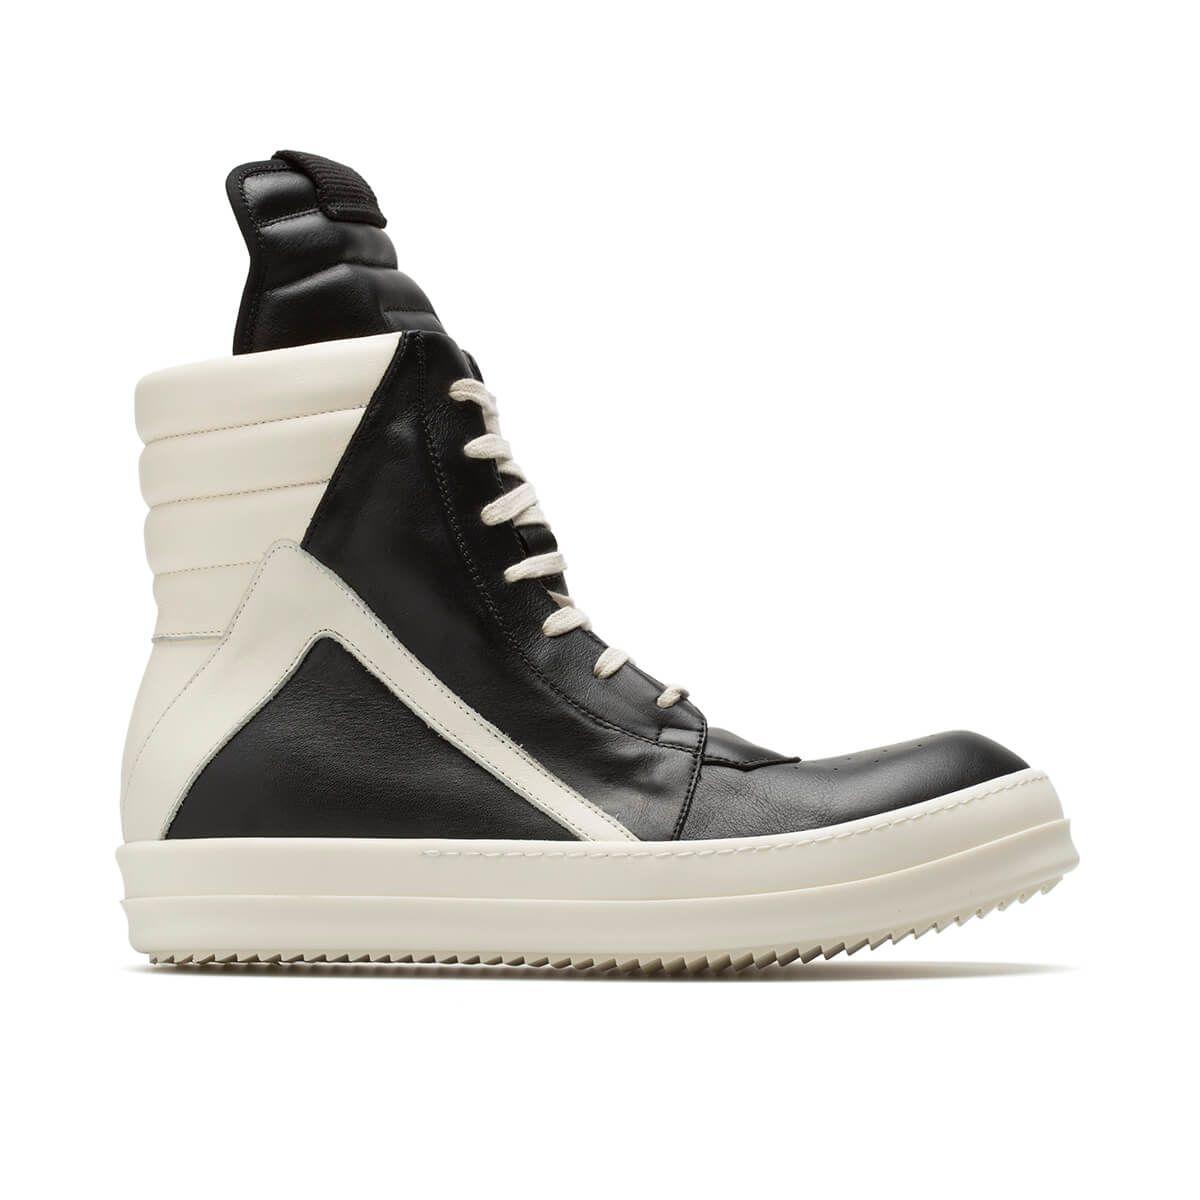 Rick Owens Sneakers Rick Owens Geobasket Sneakers